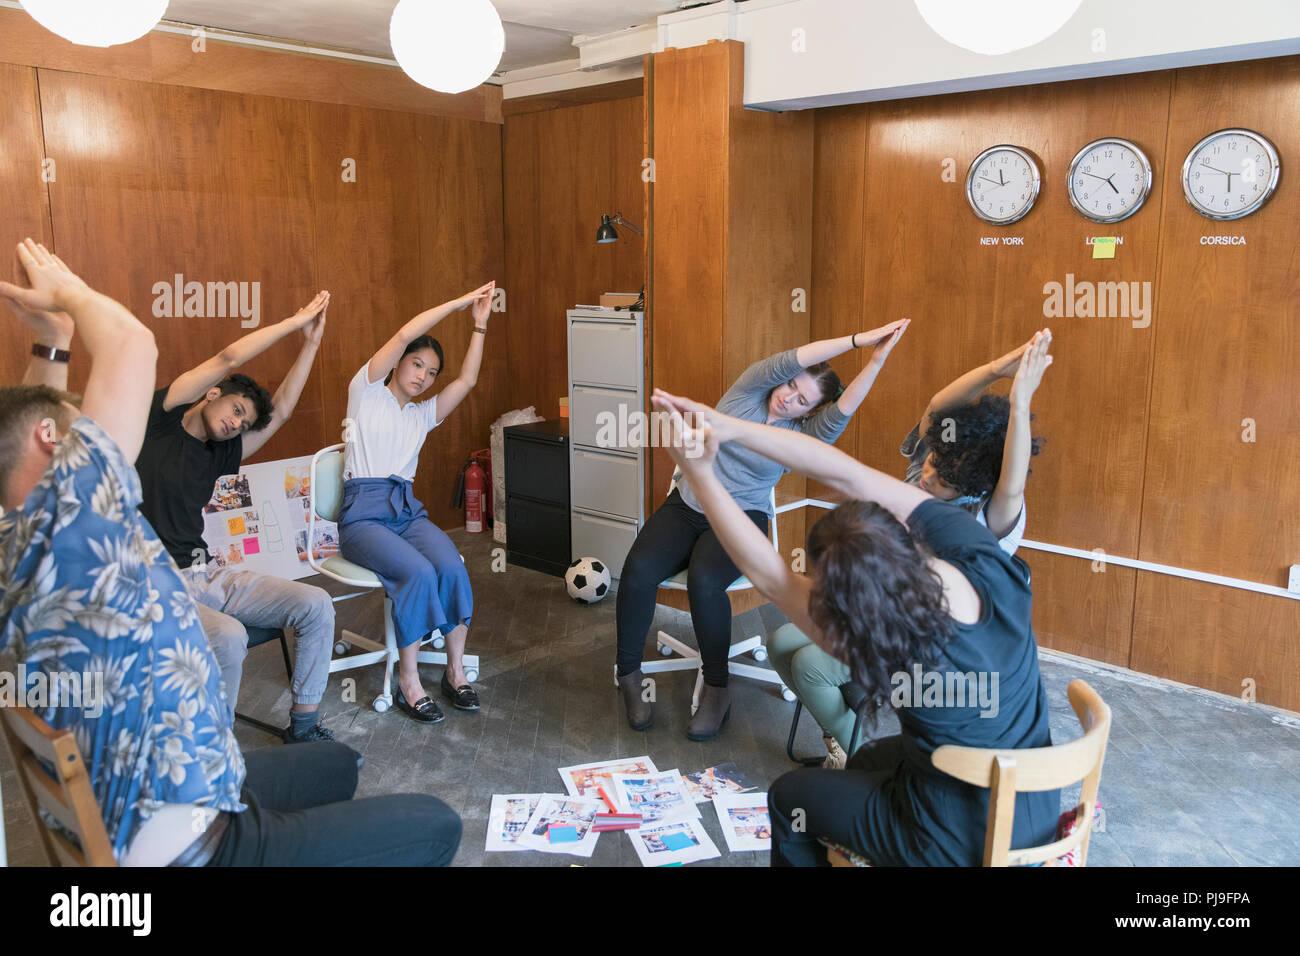 Azienda creativa persone stretching, prendendo una pausa in riunione Immagini Stock